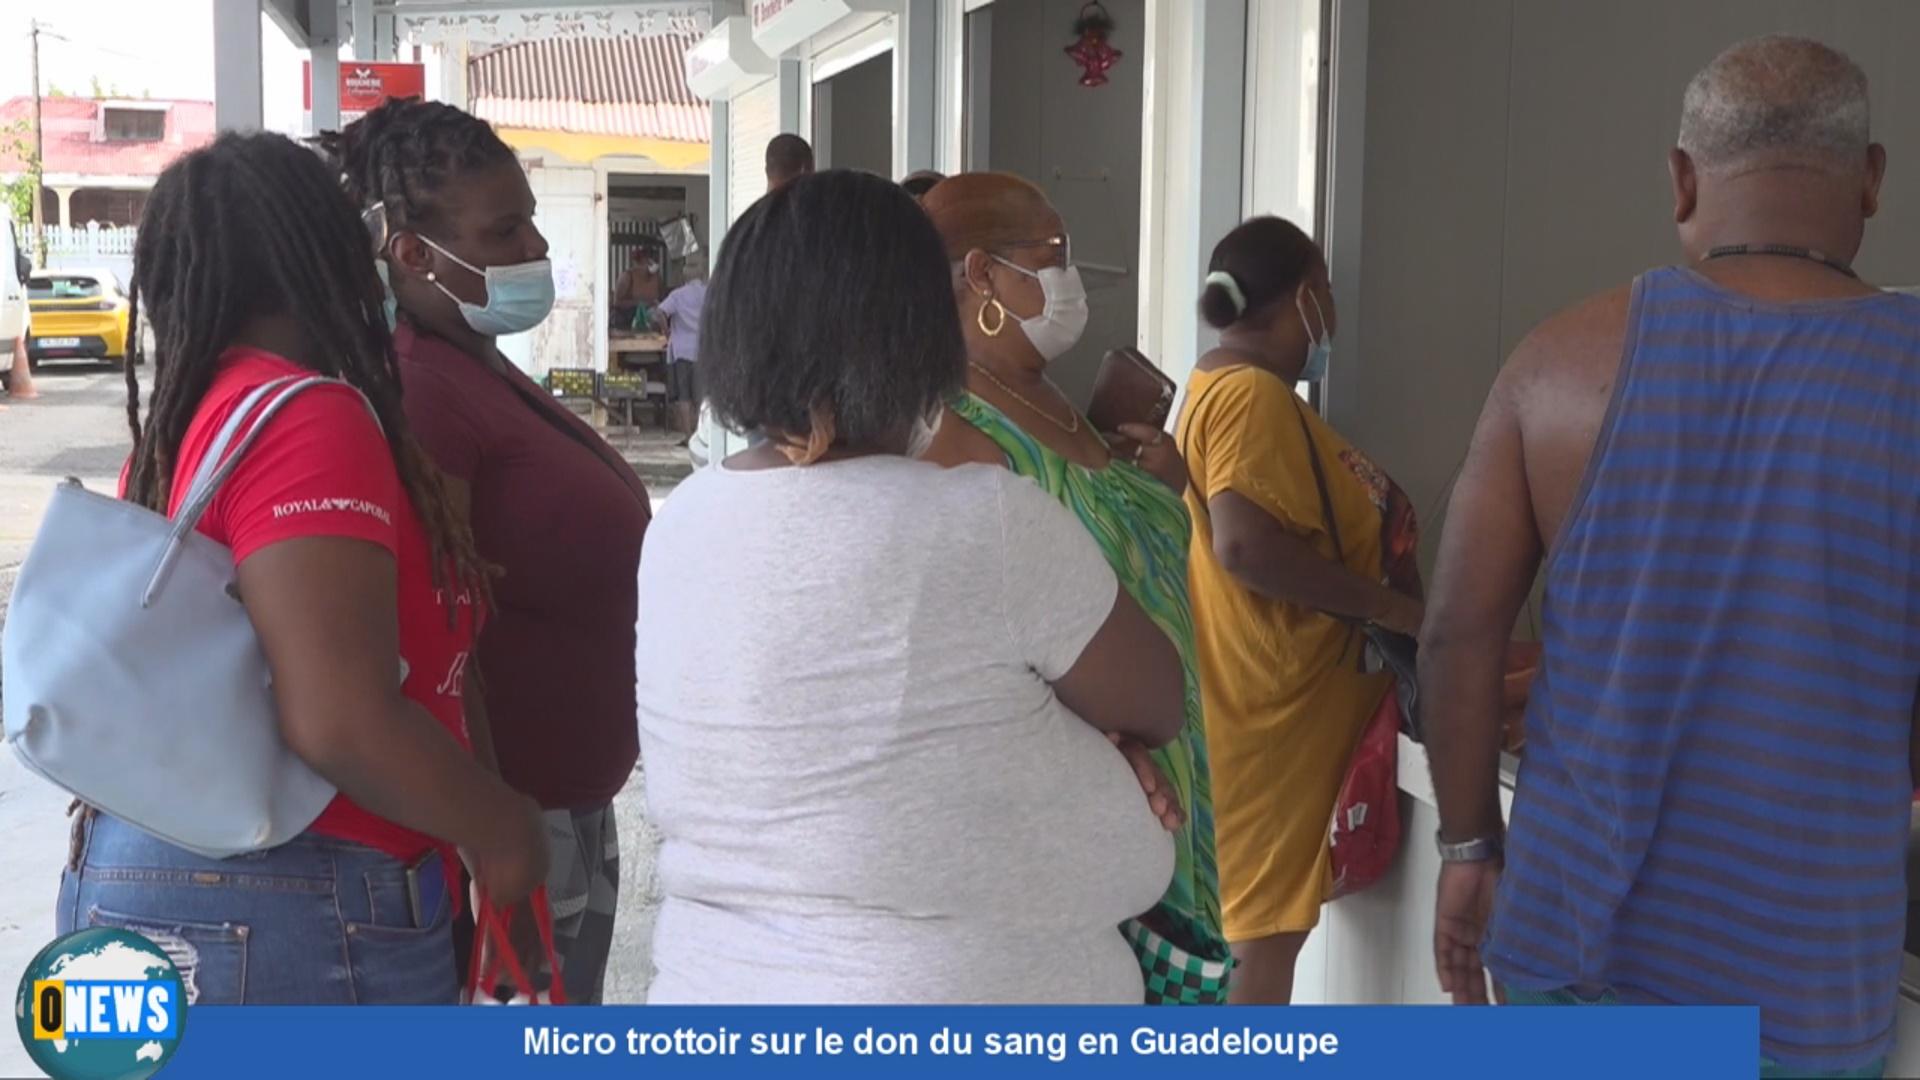 [Vidéo] Onews Guadeloupe.Micro trottoir sur le don du sang en Guadeloupe